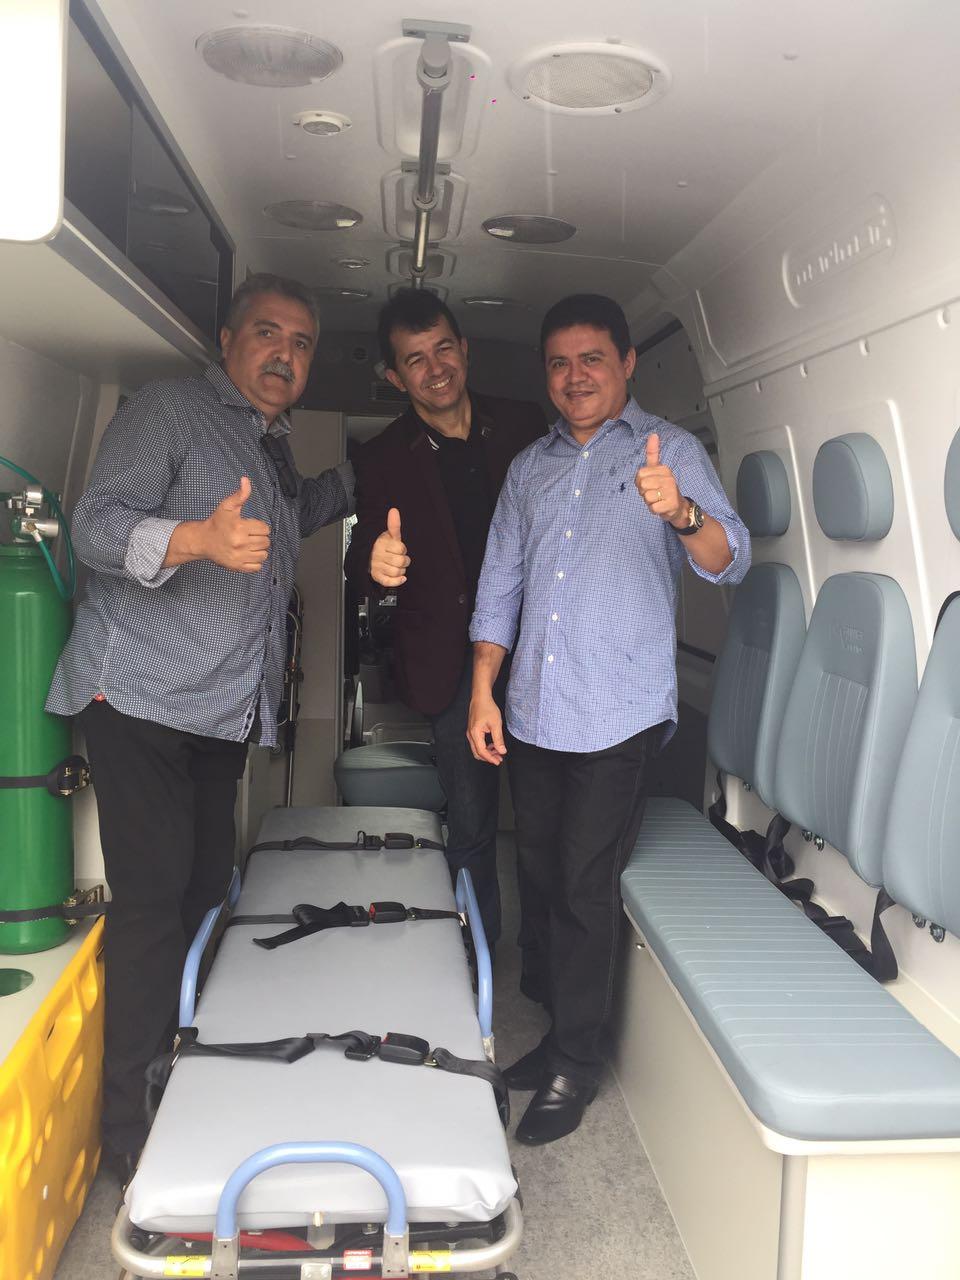 910c8e90 3a60 4fd8 b6c0 58cf9948dd45 - Deputado Rigo Teles entrega ambulância para o povo de Fortaleza dos Nogueiras - minuto barra